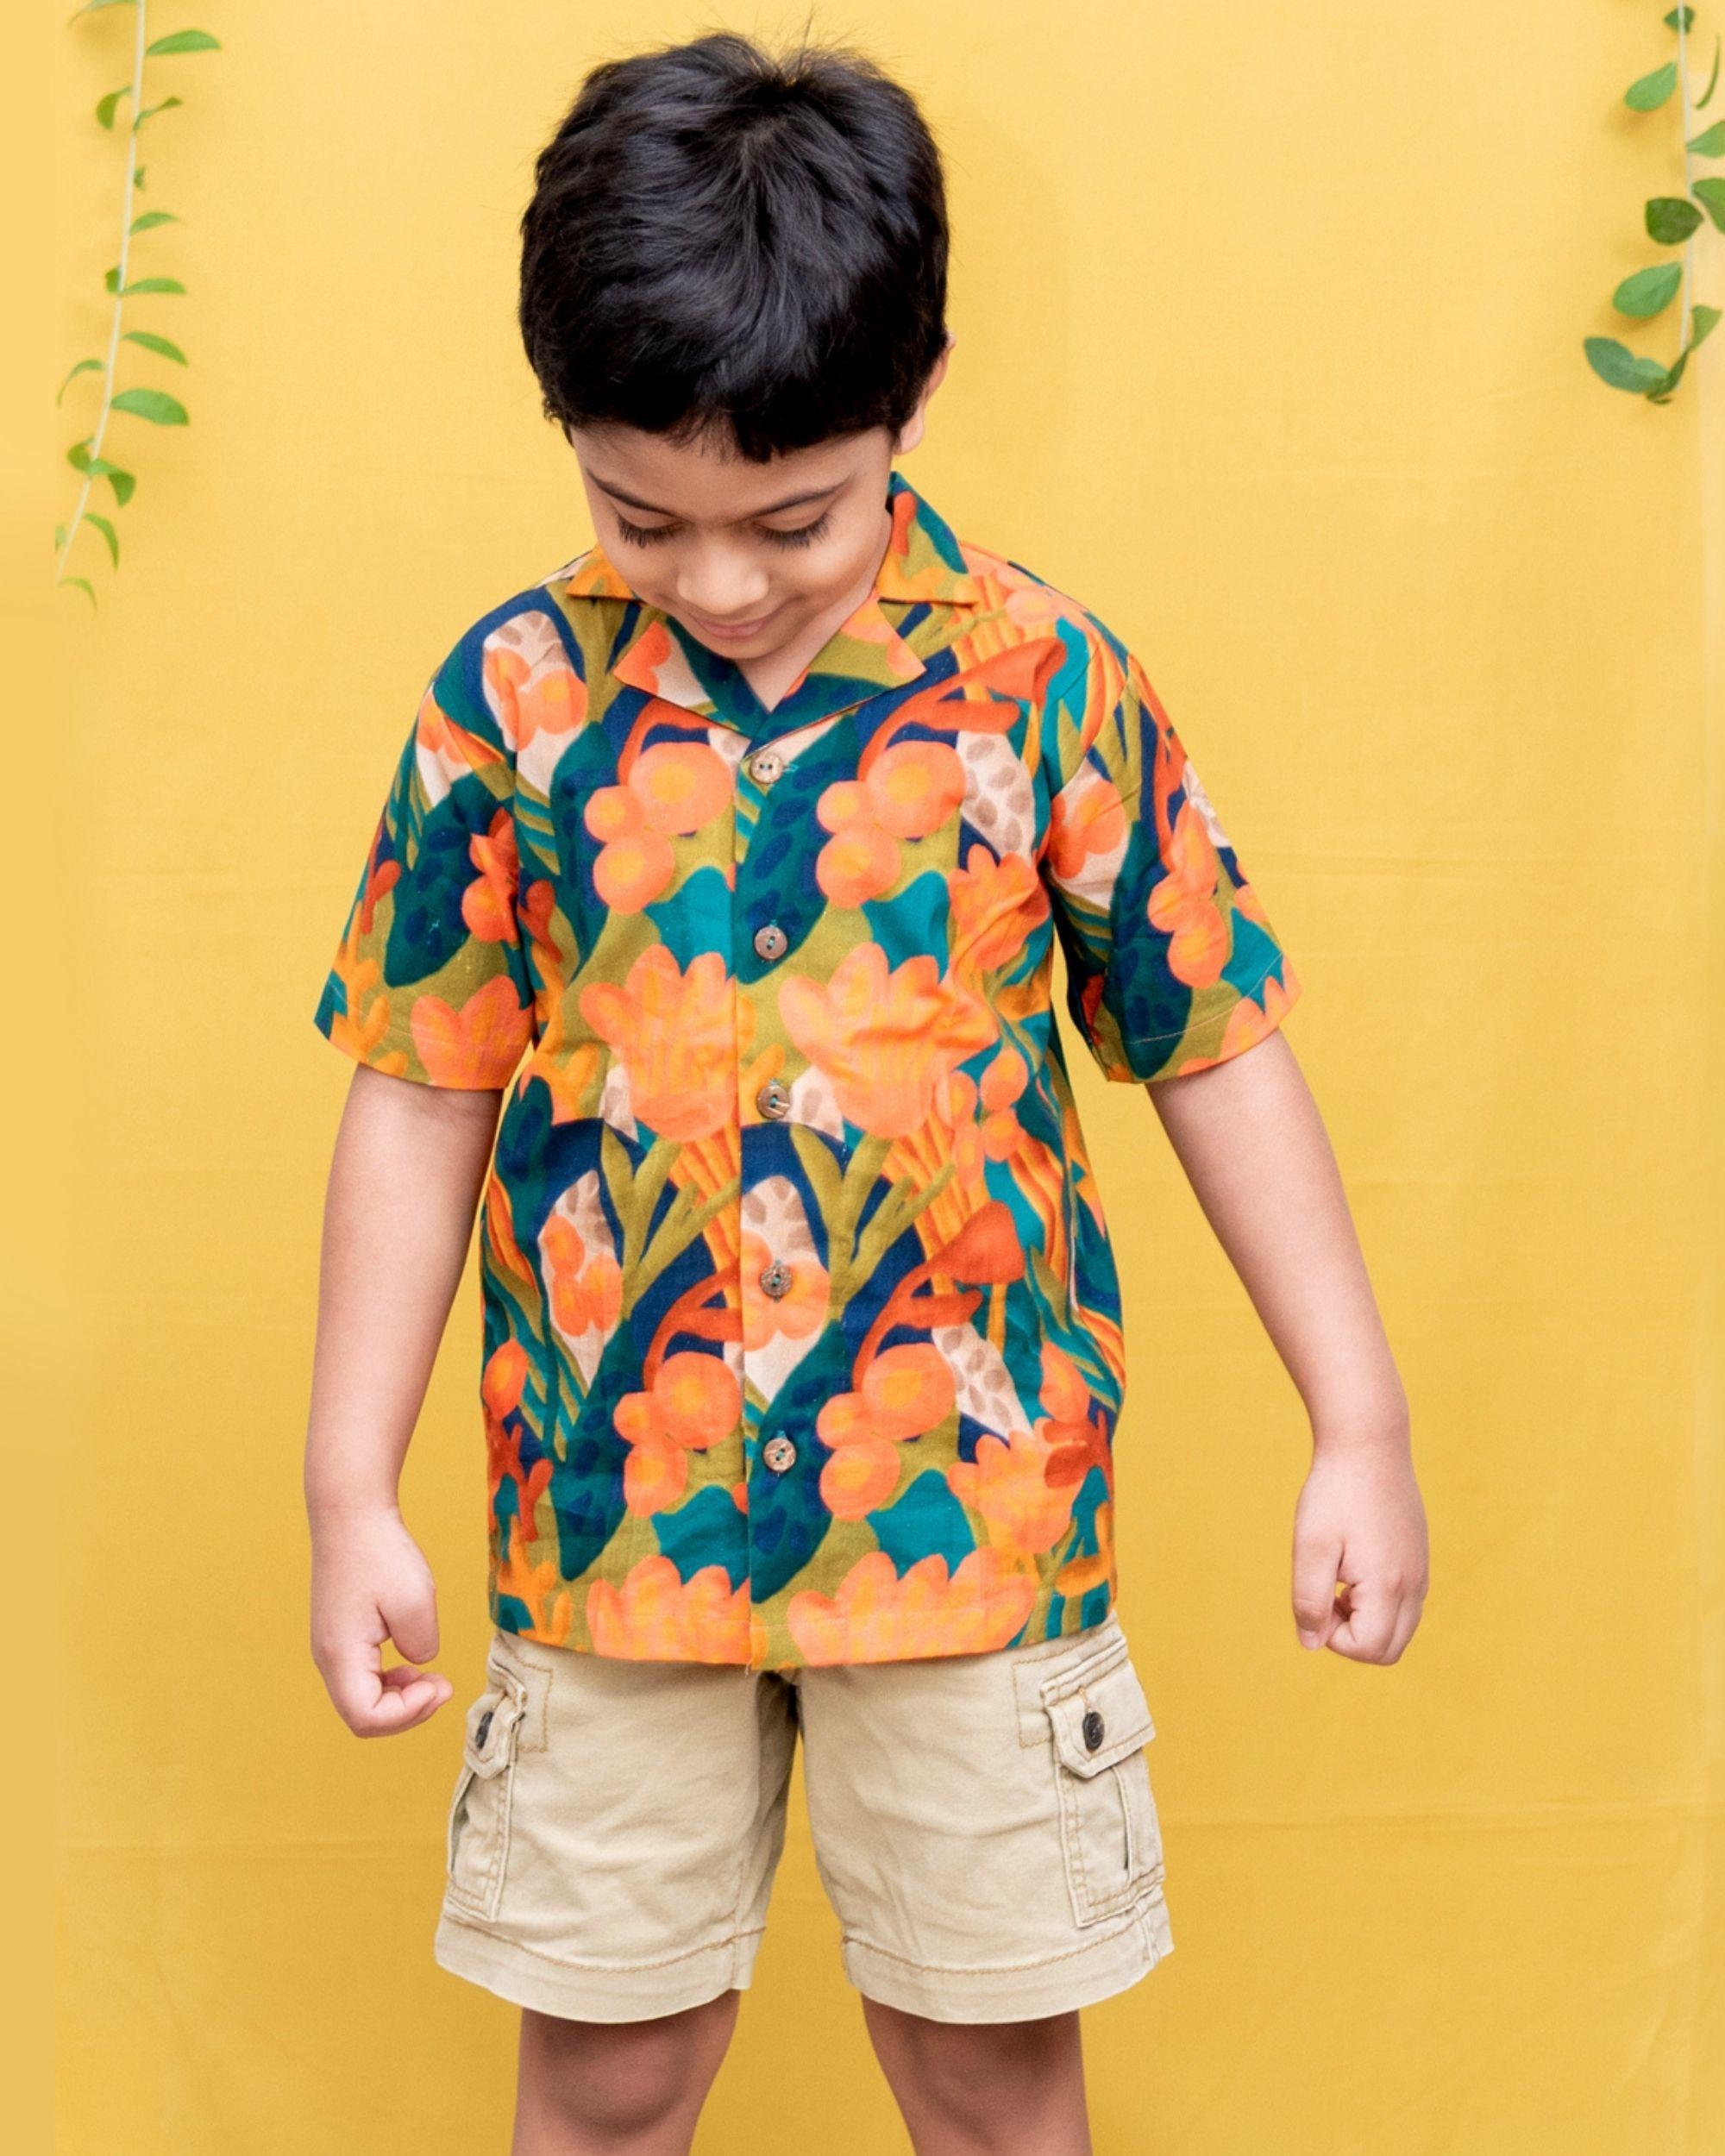 Glee aloha shirt